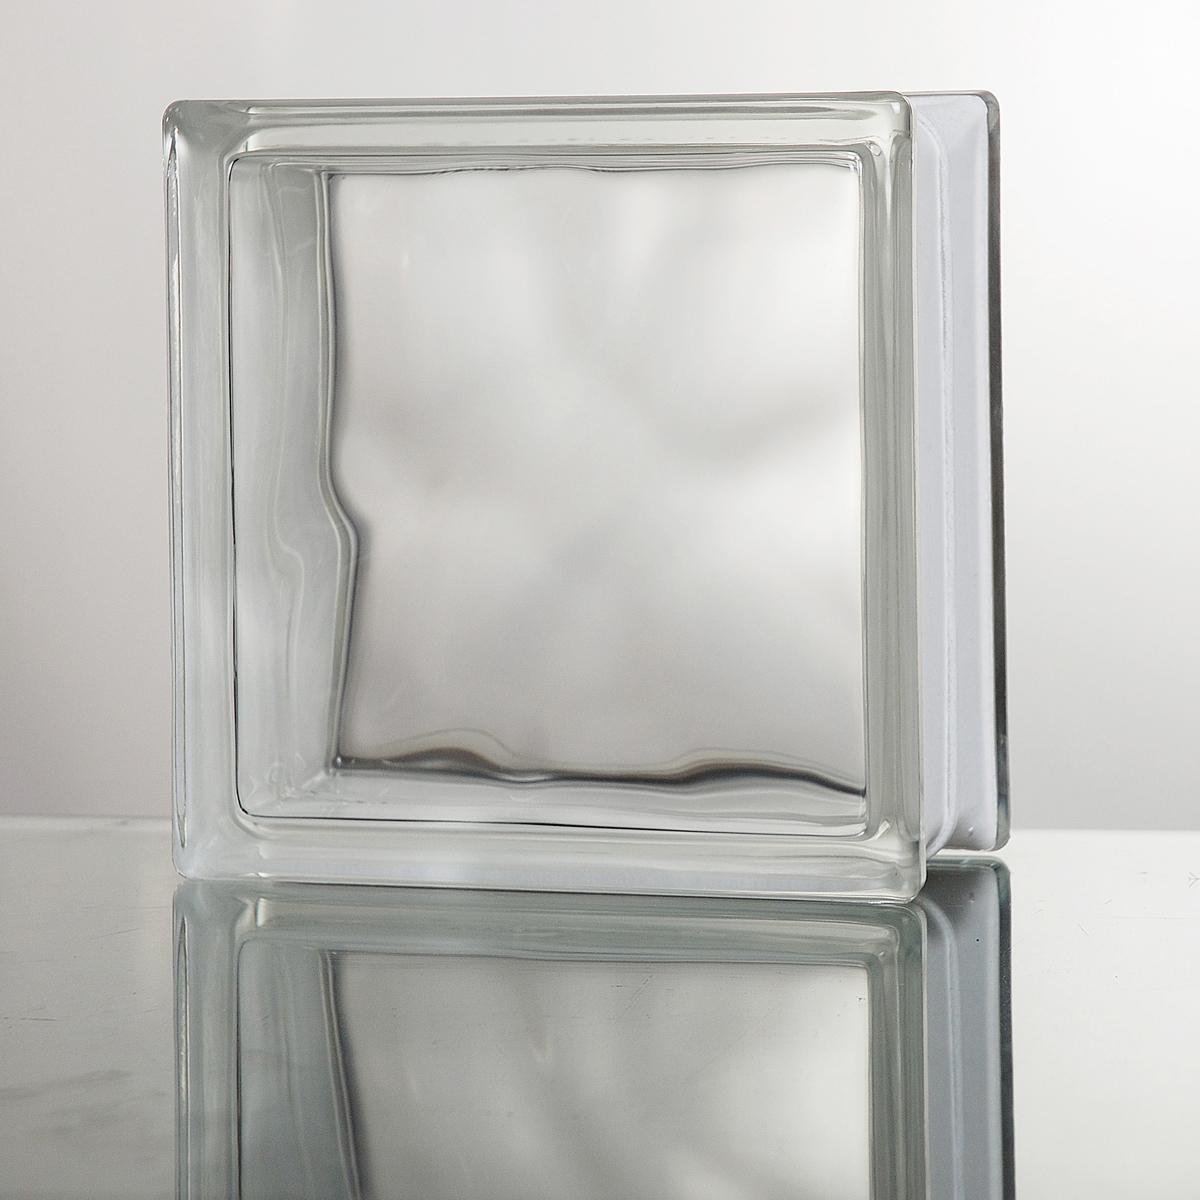 ガラスブロック 送料無料 6個セット 高品質 80mm厚 クリア色クラウディ